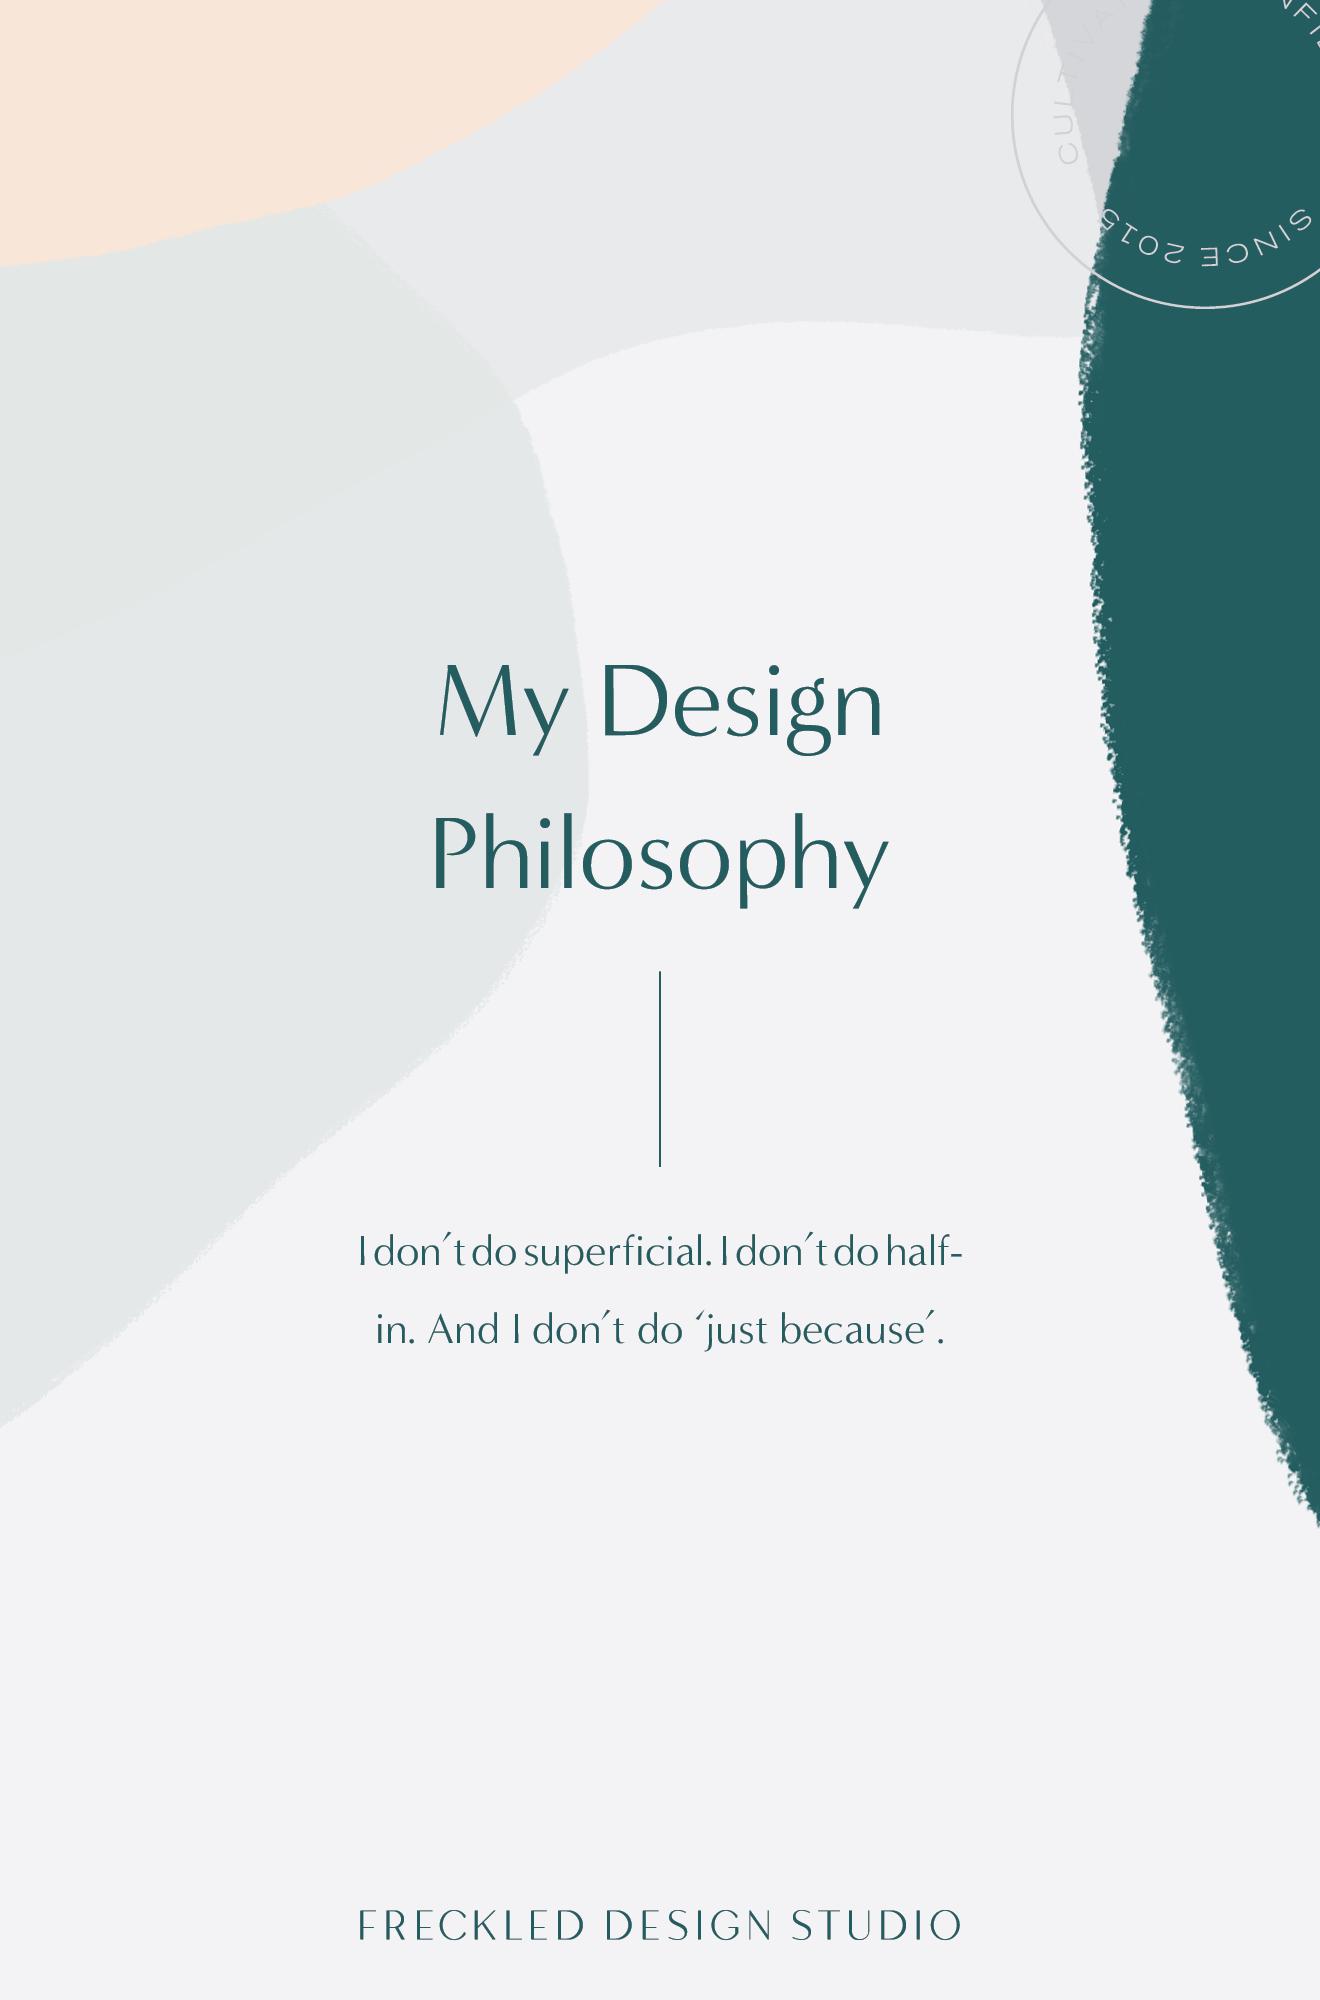 My Design Philosophy3.jpg